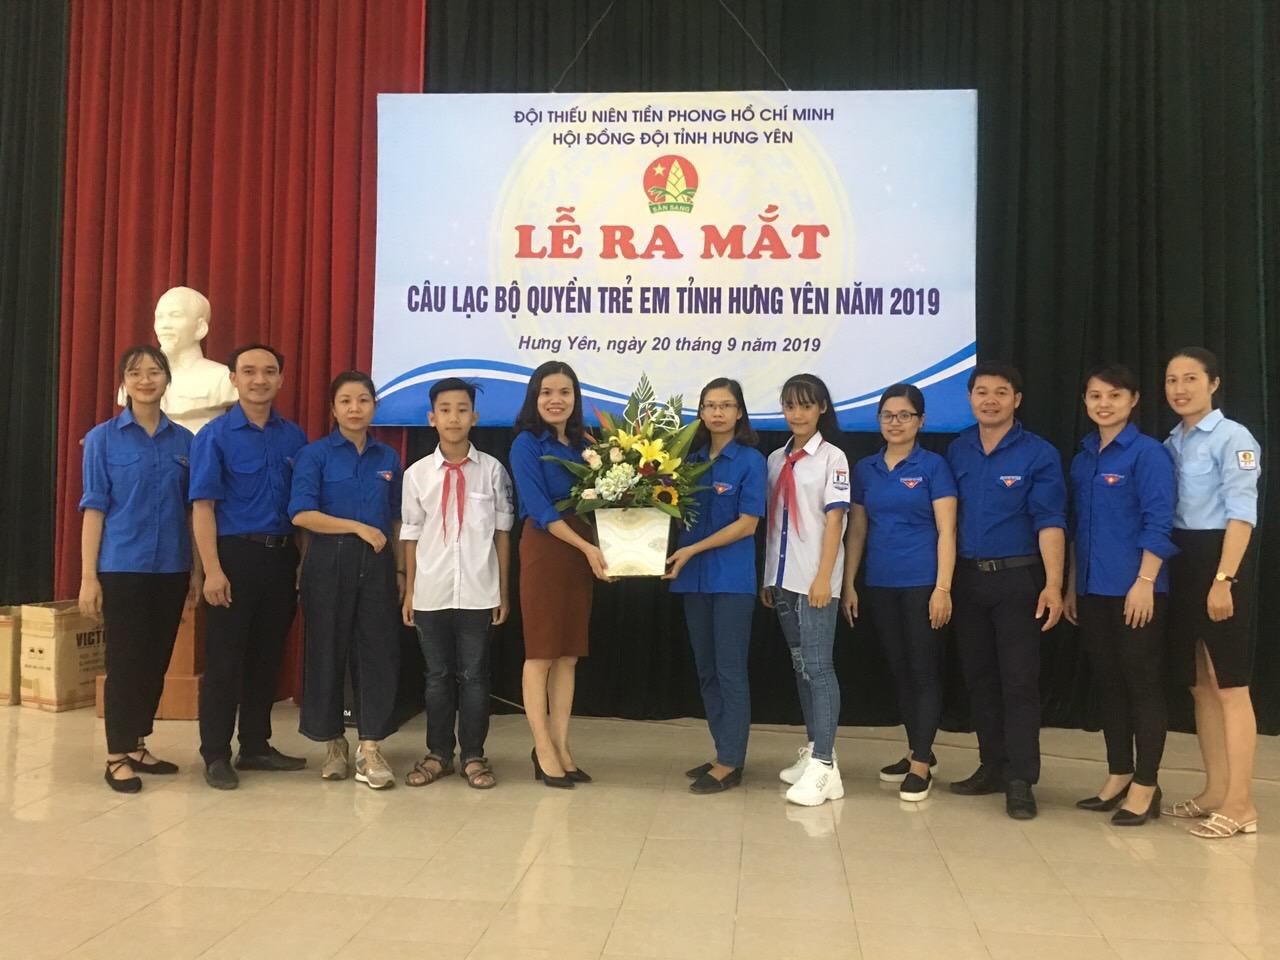 """Lễ ra mắt Câu lạc bộ """"Quyền trẻ em"""" tỉnh Hưng Yên năm 2019"""